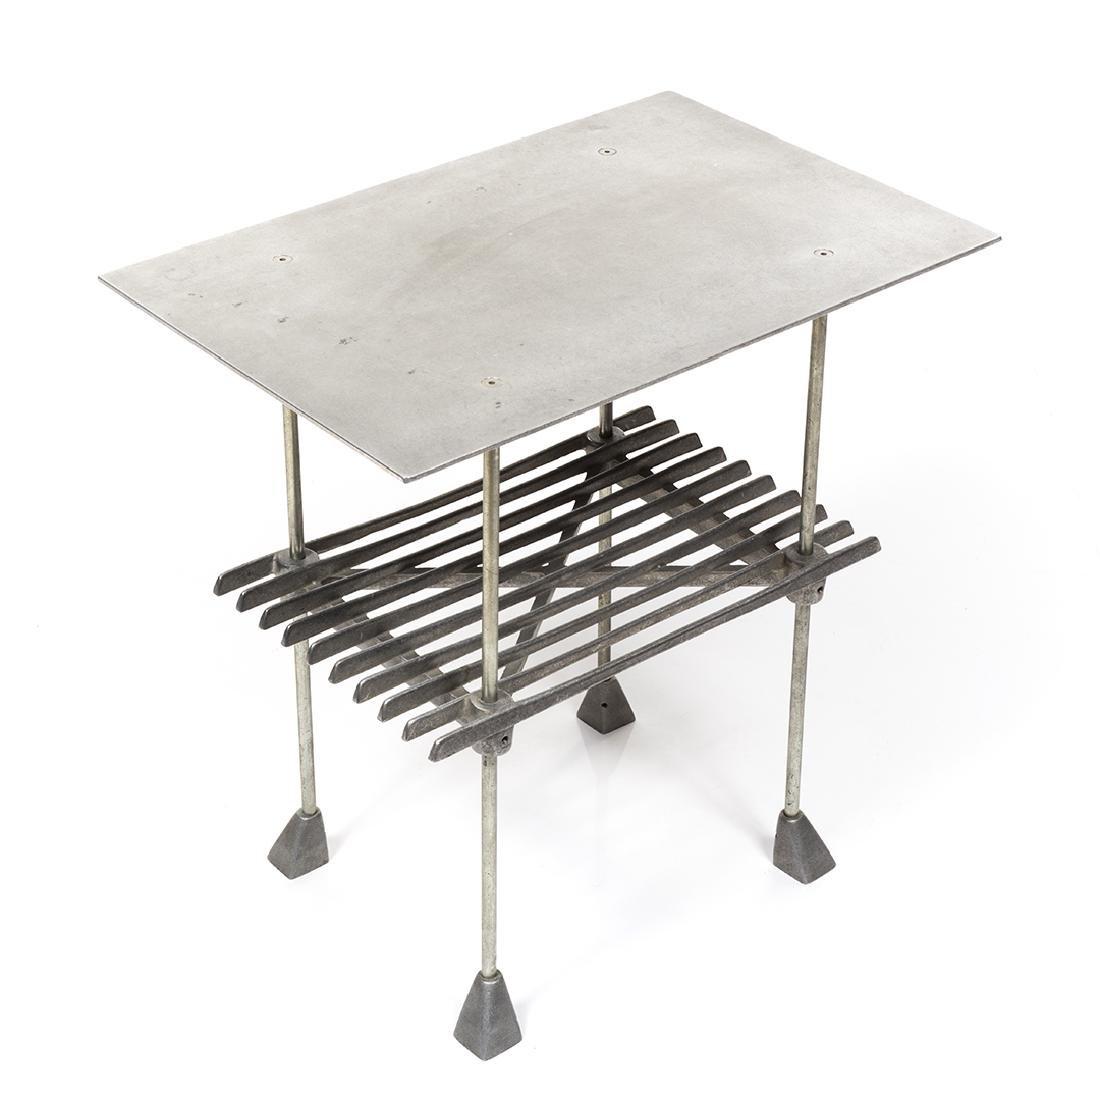 Robert Jostens Side Table - 3